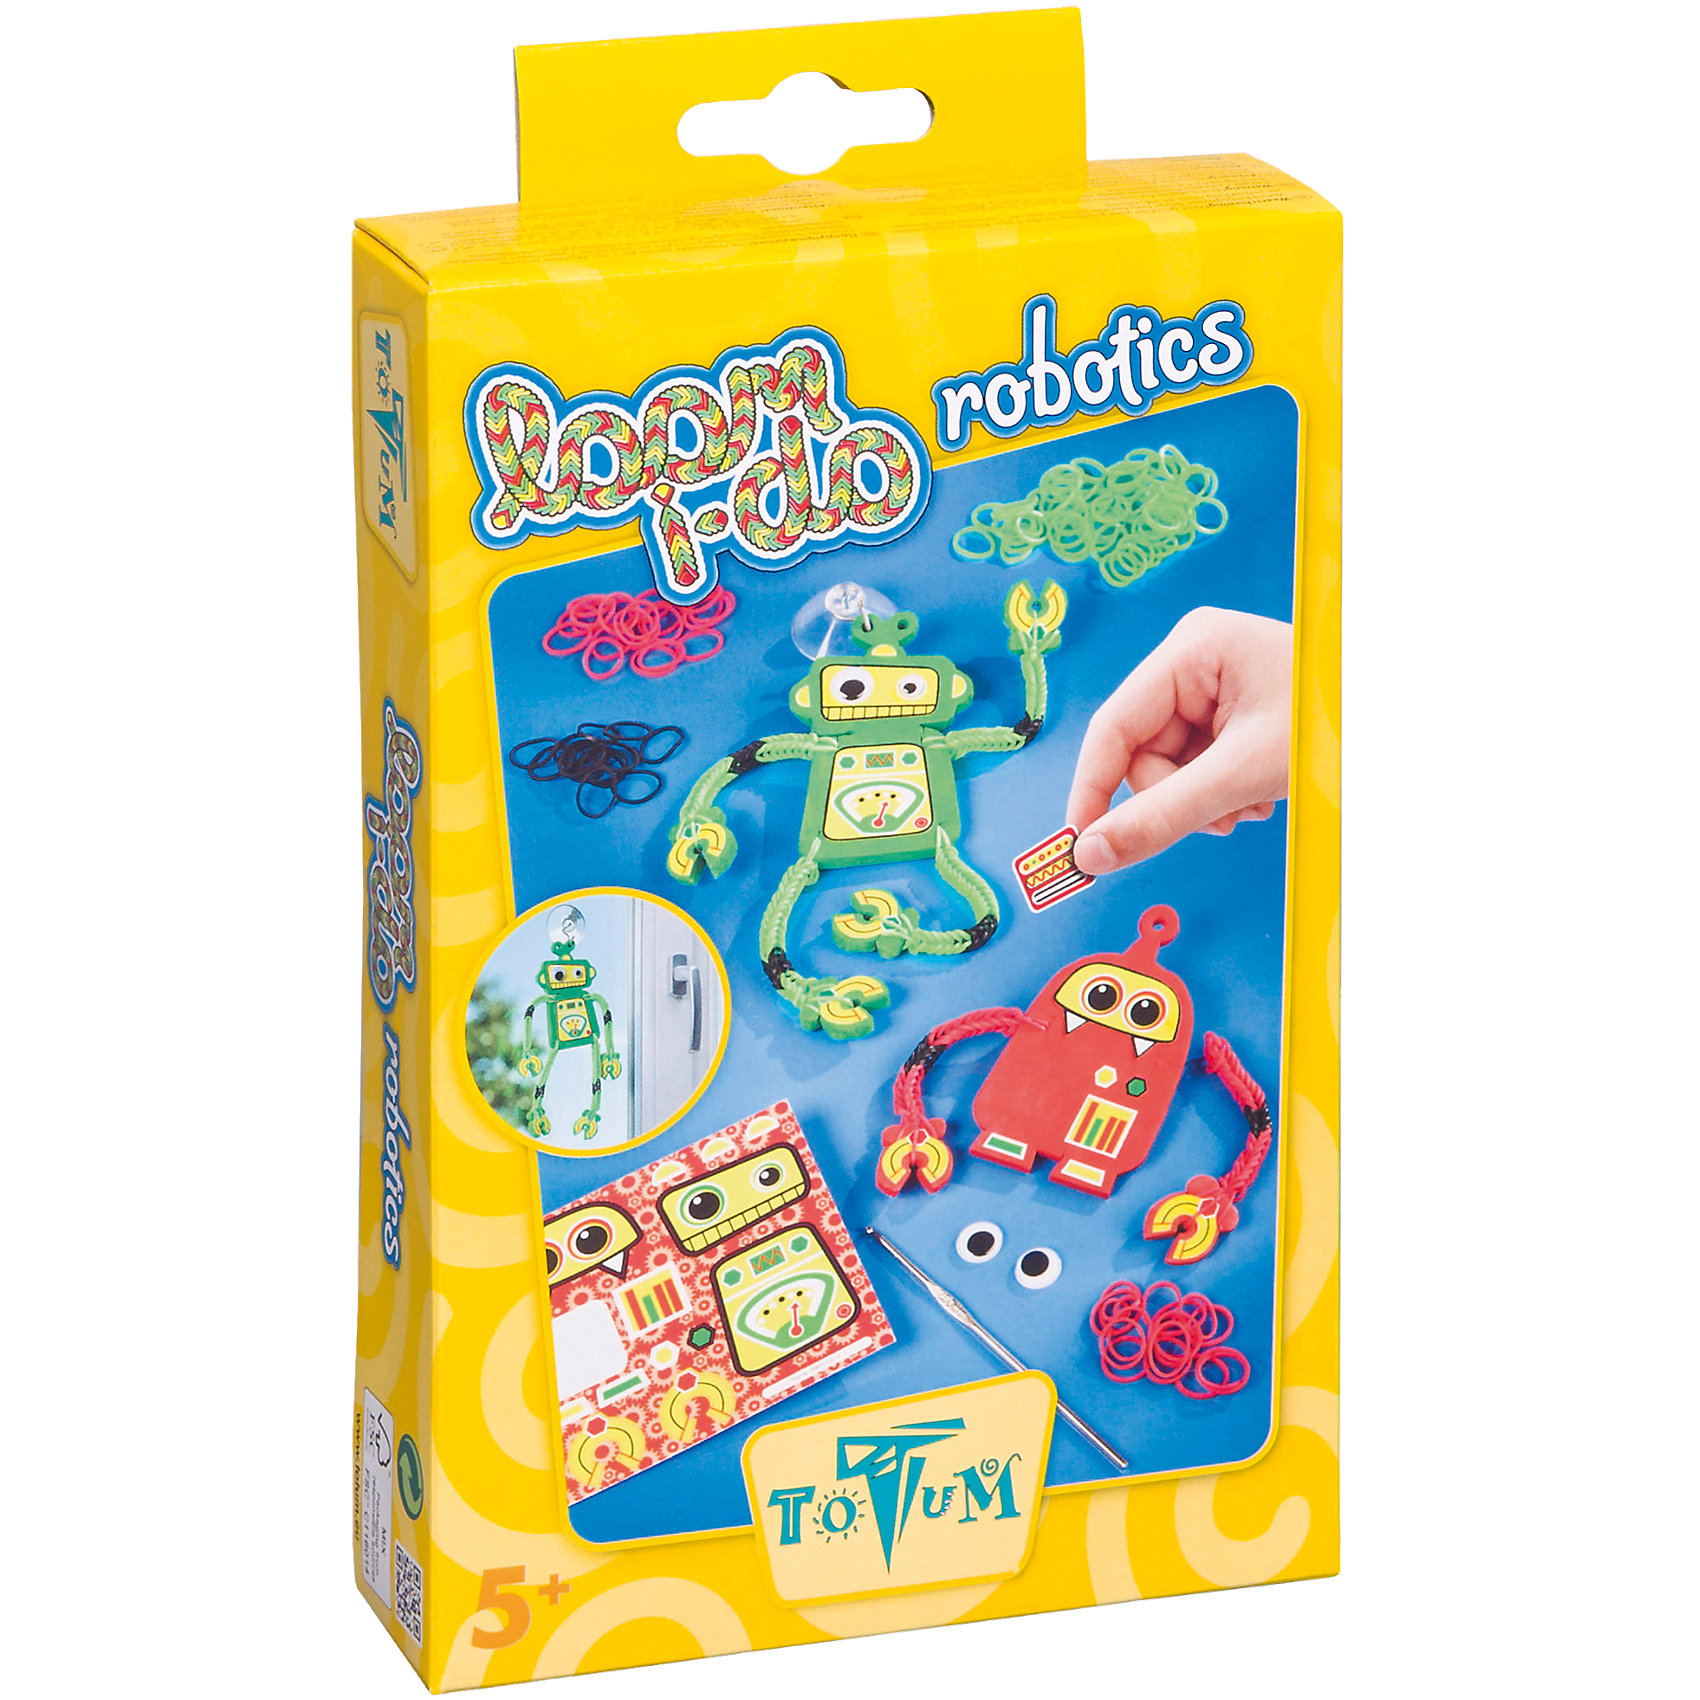 Набор для творчества Роботы из резиночекРукоделие<br>Набор для изготовления роботов заинтересует как мальчиков, так и девочек. Создавай оригинальных роботов из резинок, меняйся ими с друзьями. Процесс плетения из резинок - увлекательное и полезное занятие, развивающее мелкую моторику, воображение, внимание и умение работать по инструкции. <br><br>Дополнительная информация:<br><br>- Комплектация: 166 различных резинок (3 цвета), 2 присоски, 1 крючок, мягкие детали для роботов (красные и зелёные), 1 листок с наклейками, 4 самоклеящихся детали для глаз, инструкция. Набор для мальчиков и девочек.<br>-  Материал: пластик, бумага, резина.<br><br>Набор для творчества Роботы из резиночек можно купить в нашем магазине.<br><br>Ширина мм: 209<br>Глубина мм: 126<br>Высота мм: 39<br>Вес г: 102<br>Возраст от месяцев: 72<br>Возраст до месяцев: 144<br>Пол: Мужской<br>Возраст: Детский<br>SKU: 3996491